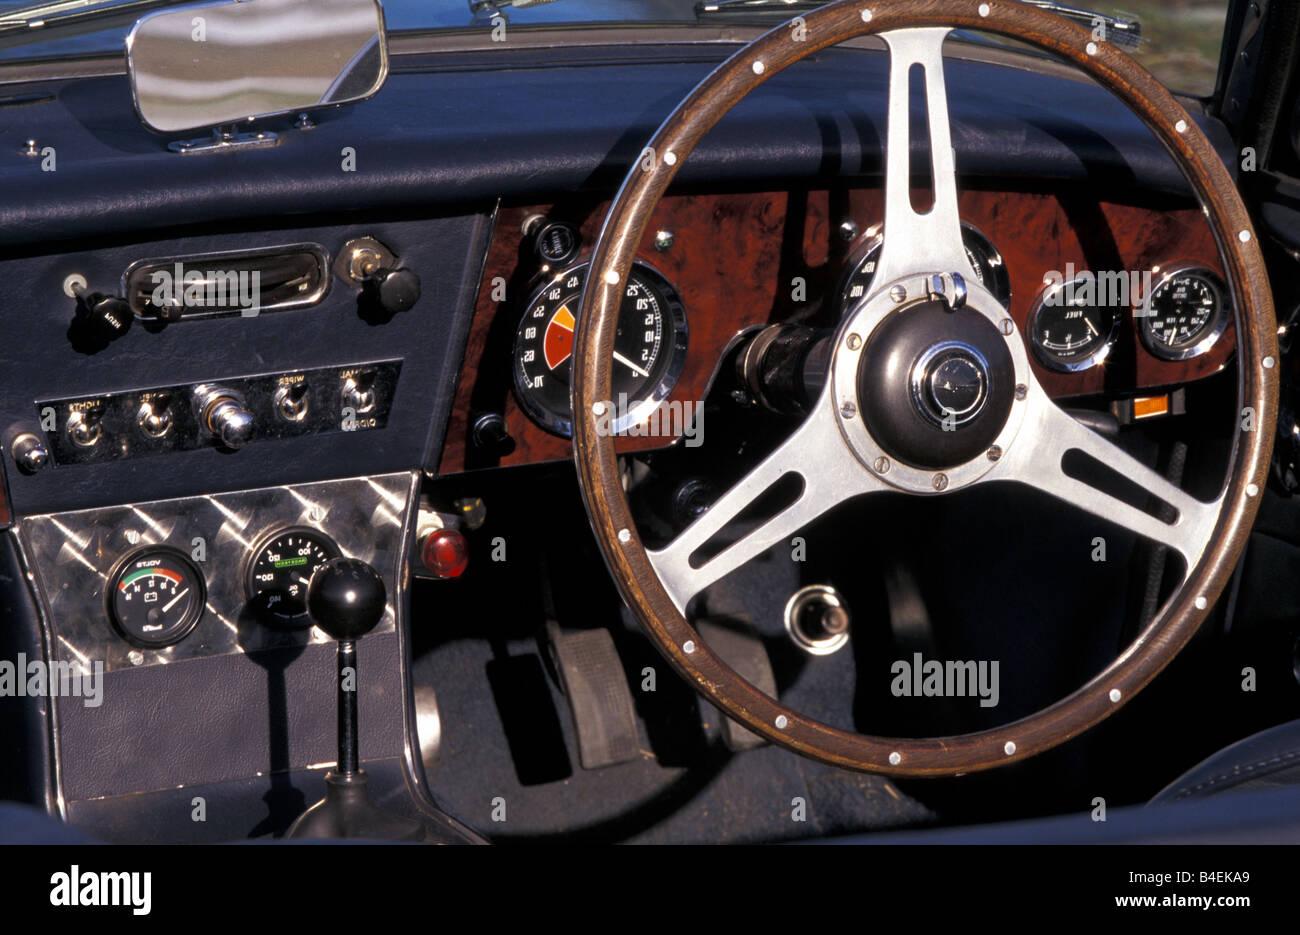 Auto, Austin Healey 3000 MK III, Cabrio, Oldtimer, Baujahr 1963-1968, dieses Auto Modelljahr 1964 Silber, 1960er Stockbild